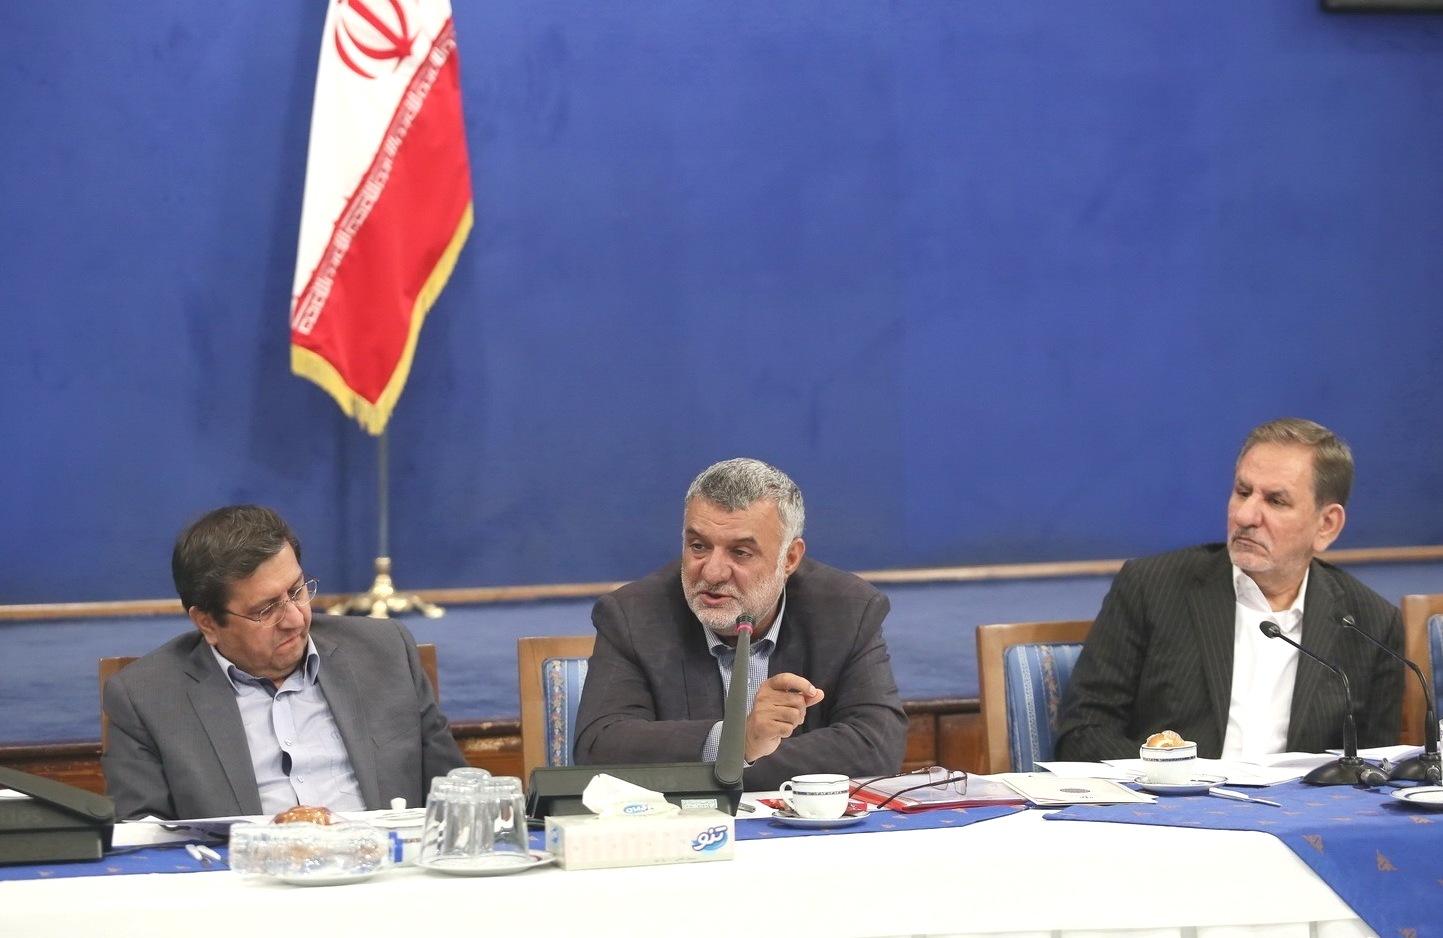 وزیر جهاد کشاورزی اعلام کرد: جلوگیری از خروج ارز با تکمیل زنجیره تولید و صنایع تکمیلی